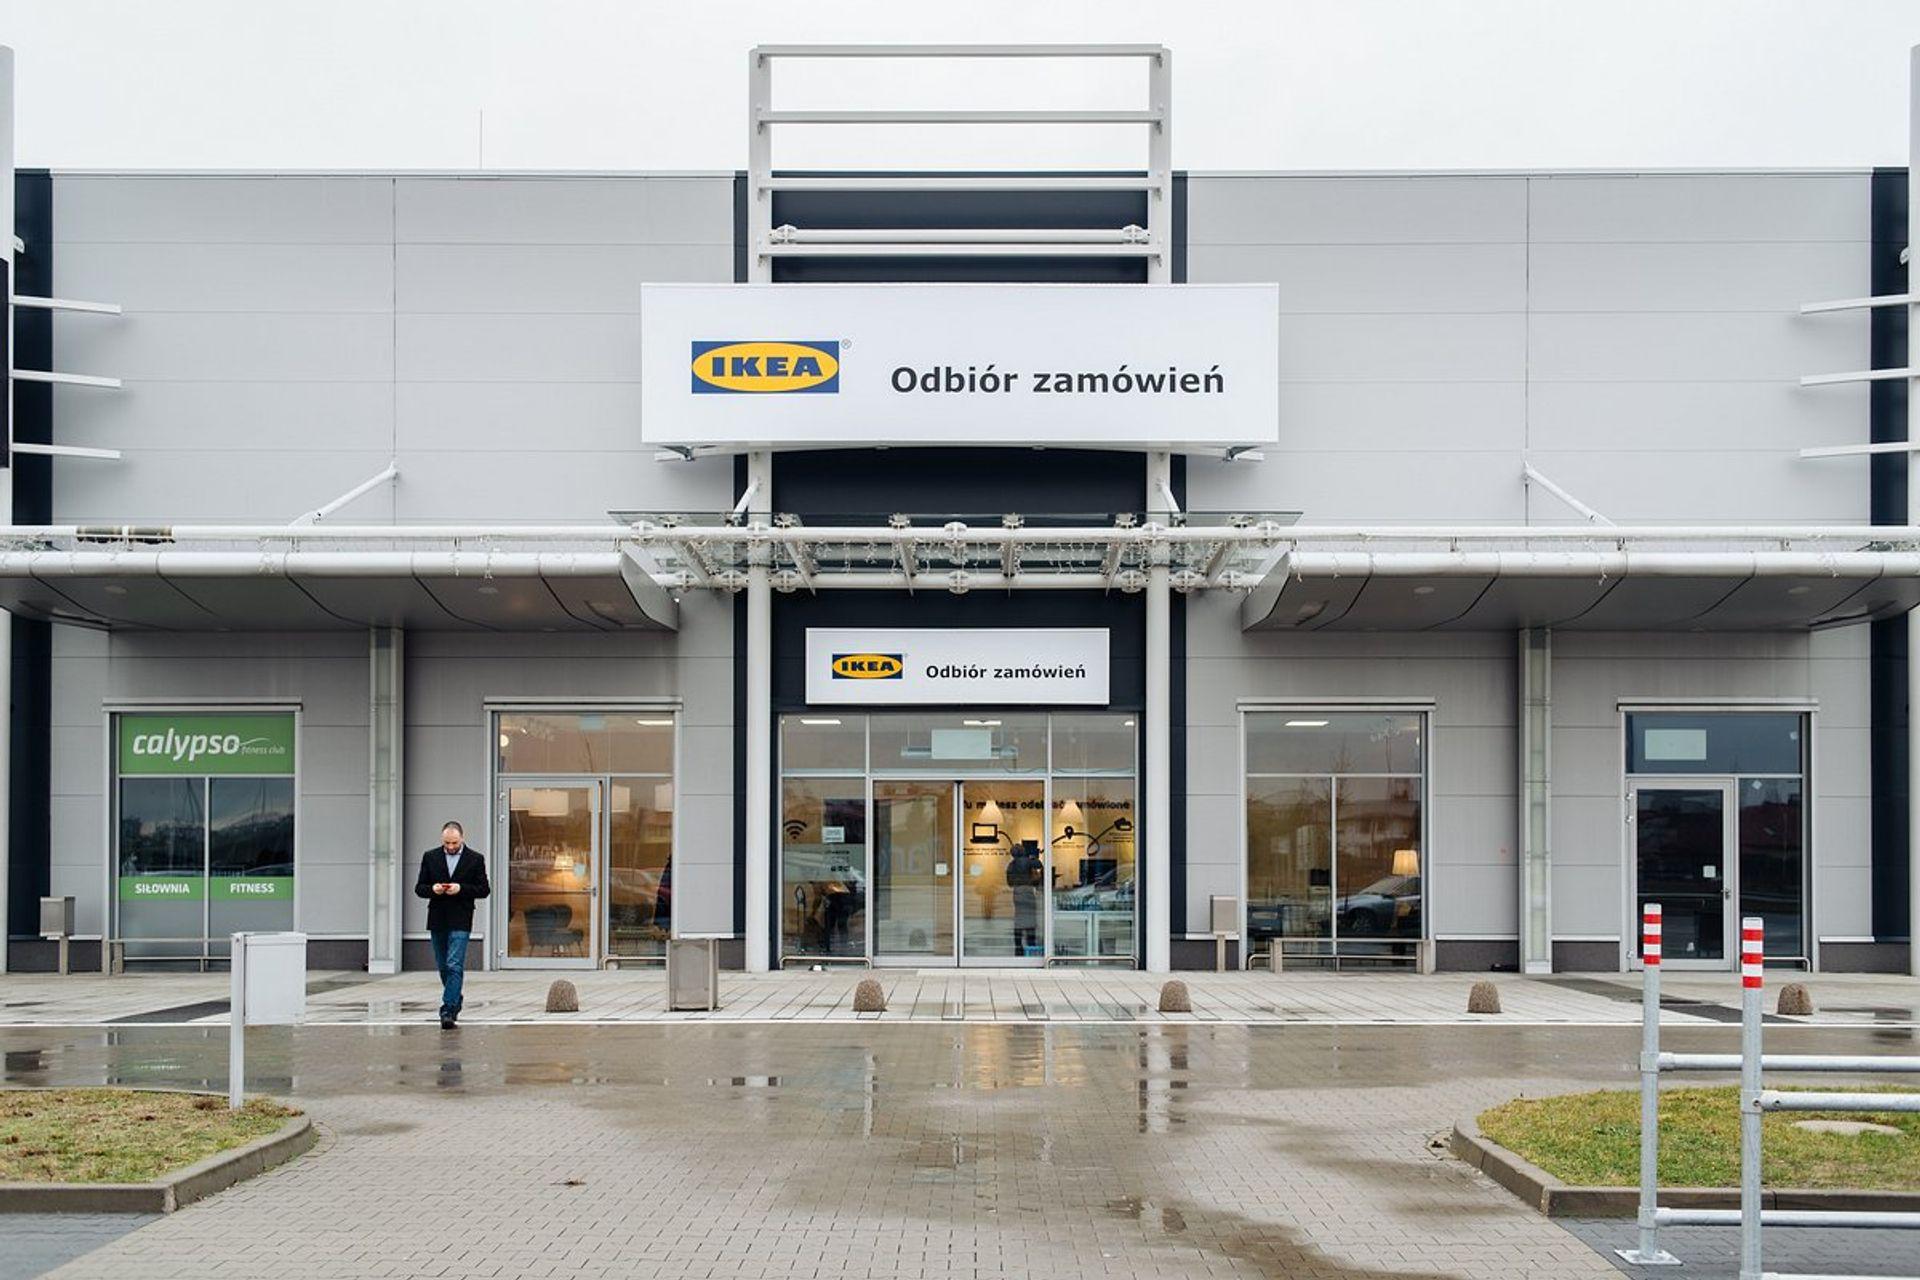 [Opole] Pierwszy w Polsce Punkt Odbioru Zamówień IKEA otwarty wCHTurawa Park